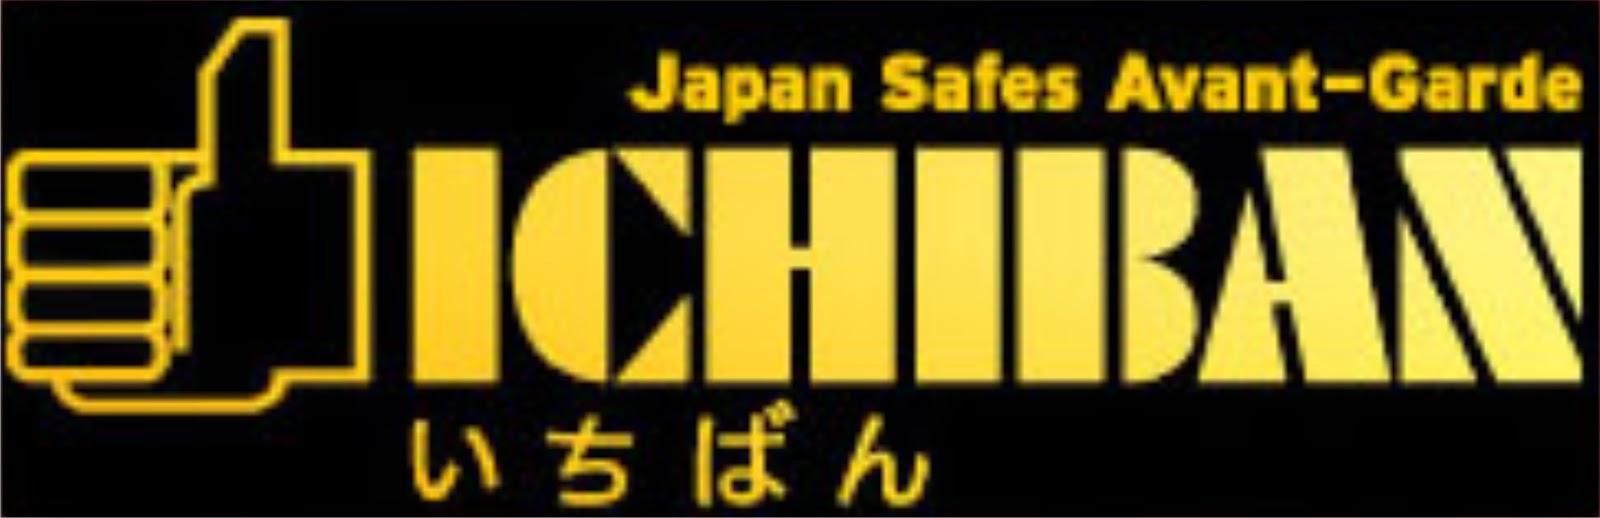 Hasil gambar untuk logo merk ichiban